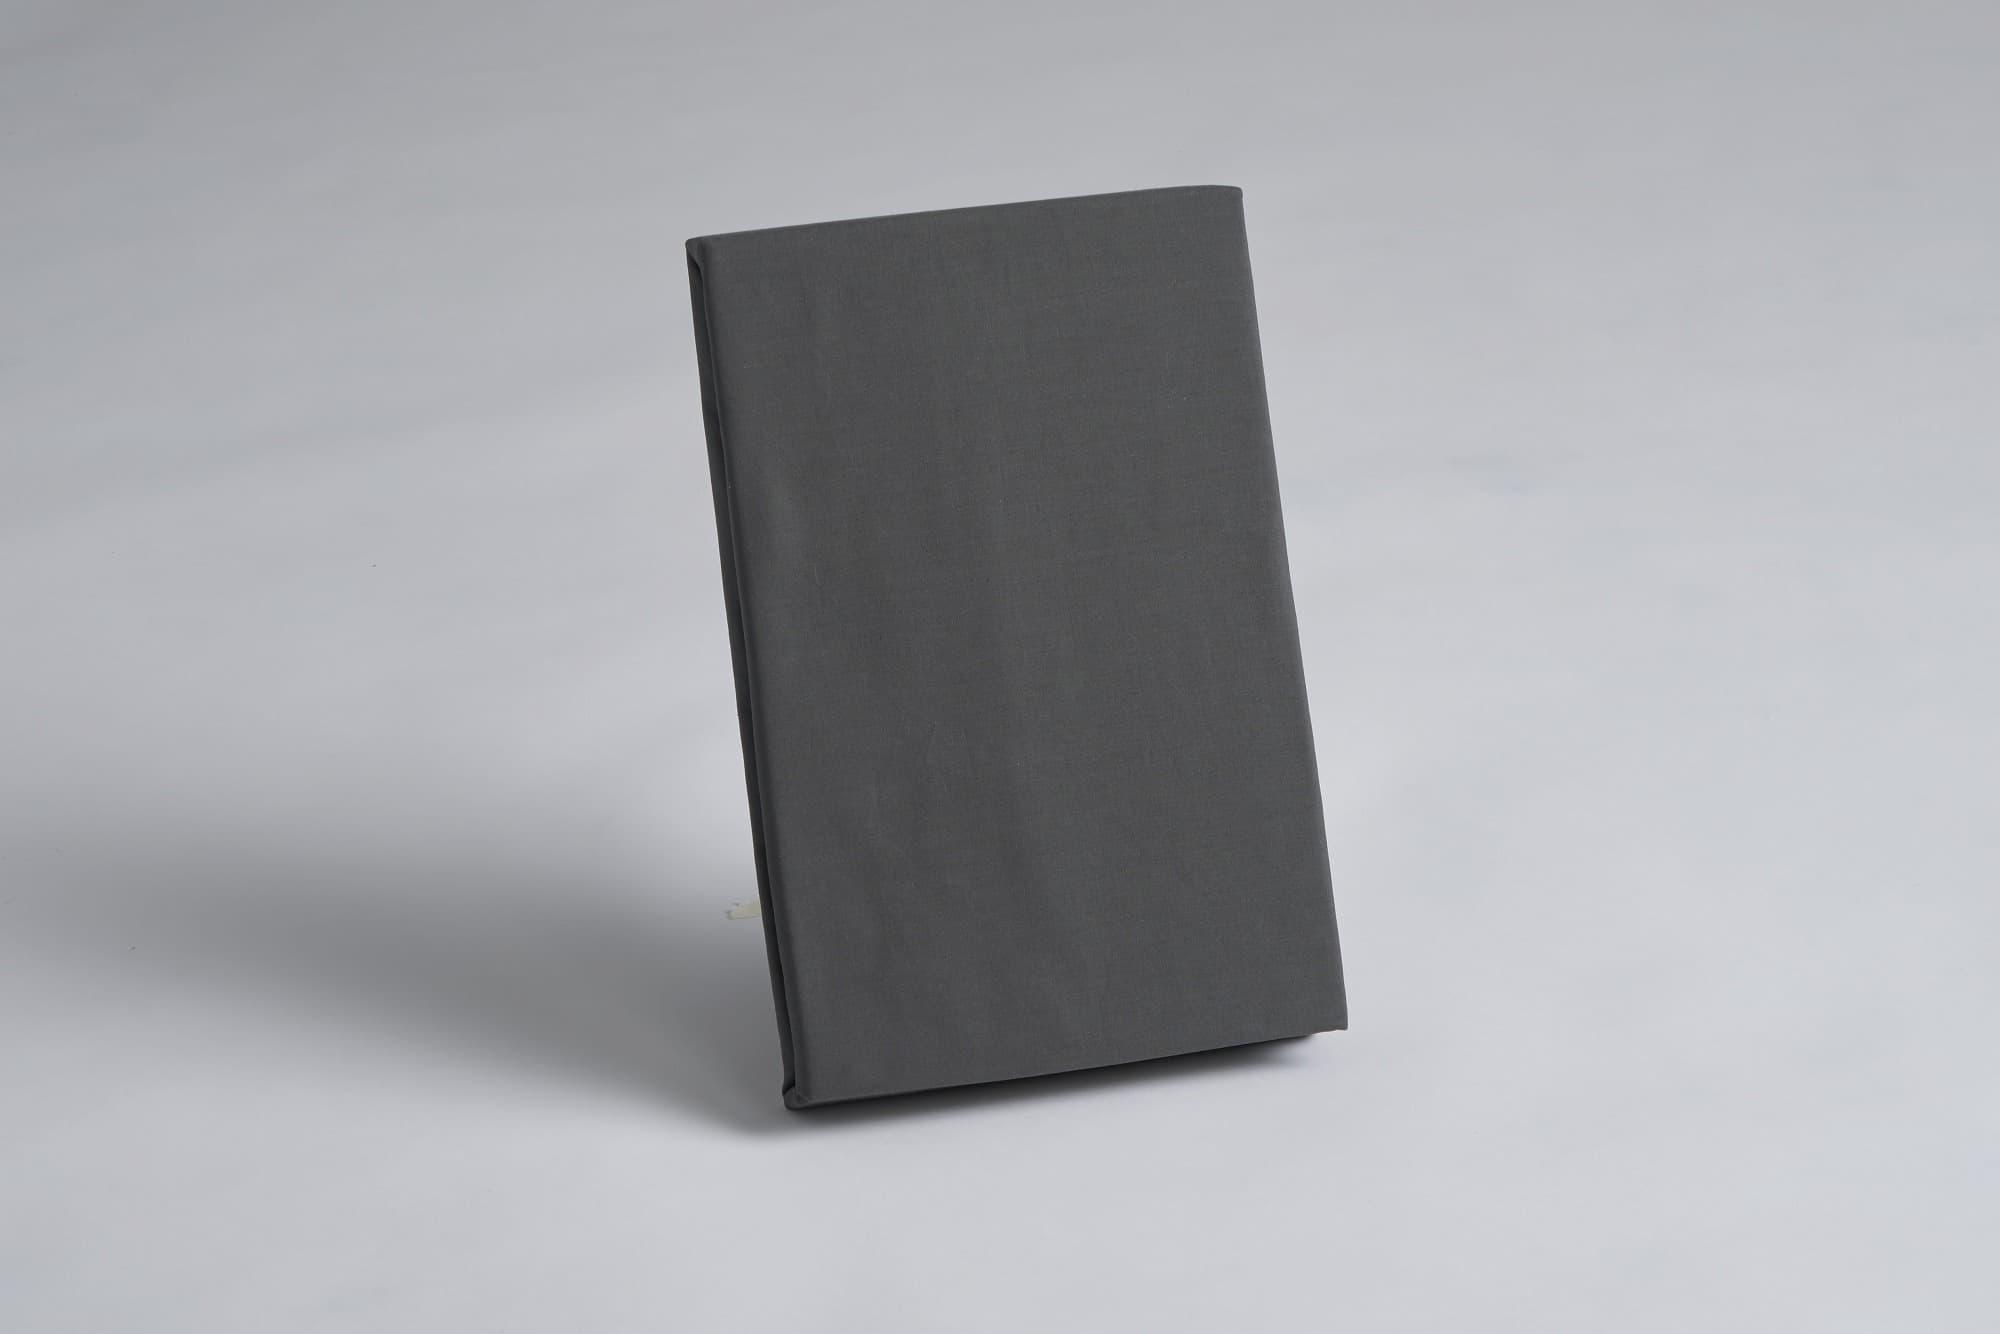 ボックスシーツ クイーン1用 36H グレー:《綿100%を使用したボックスシーツ》